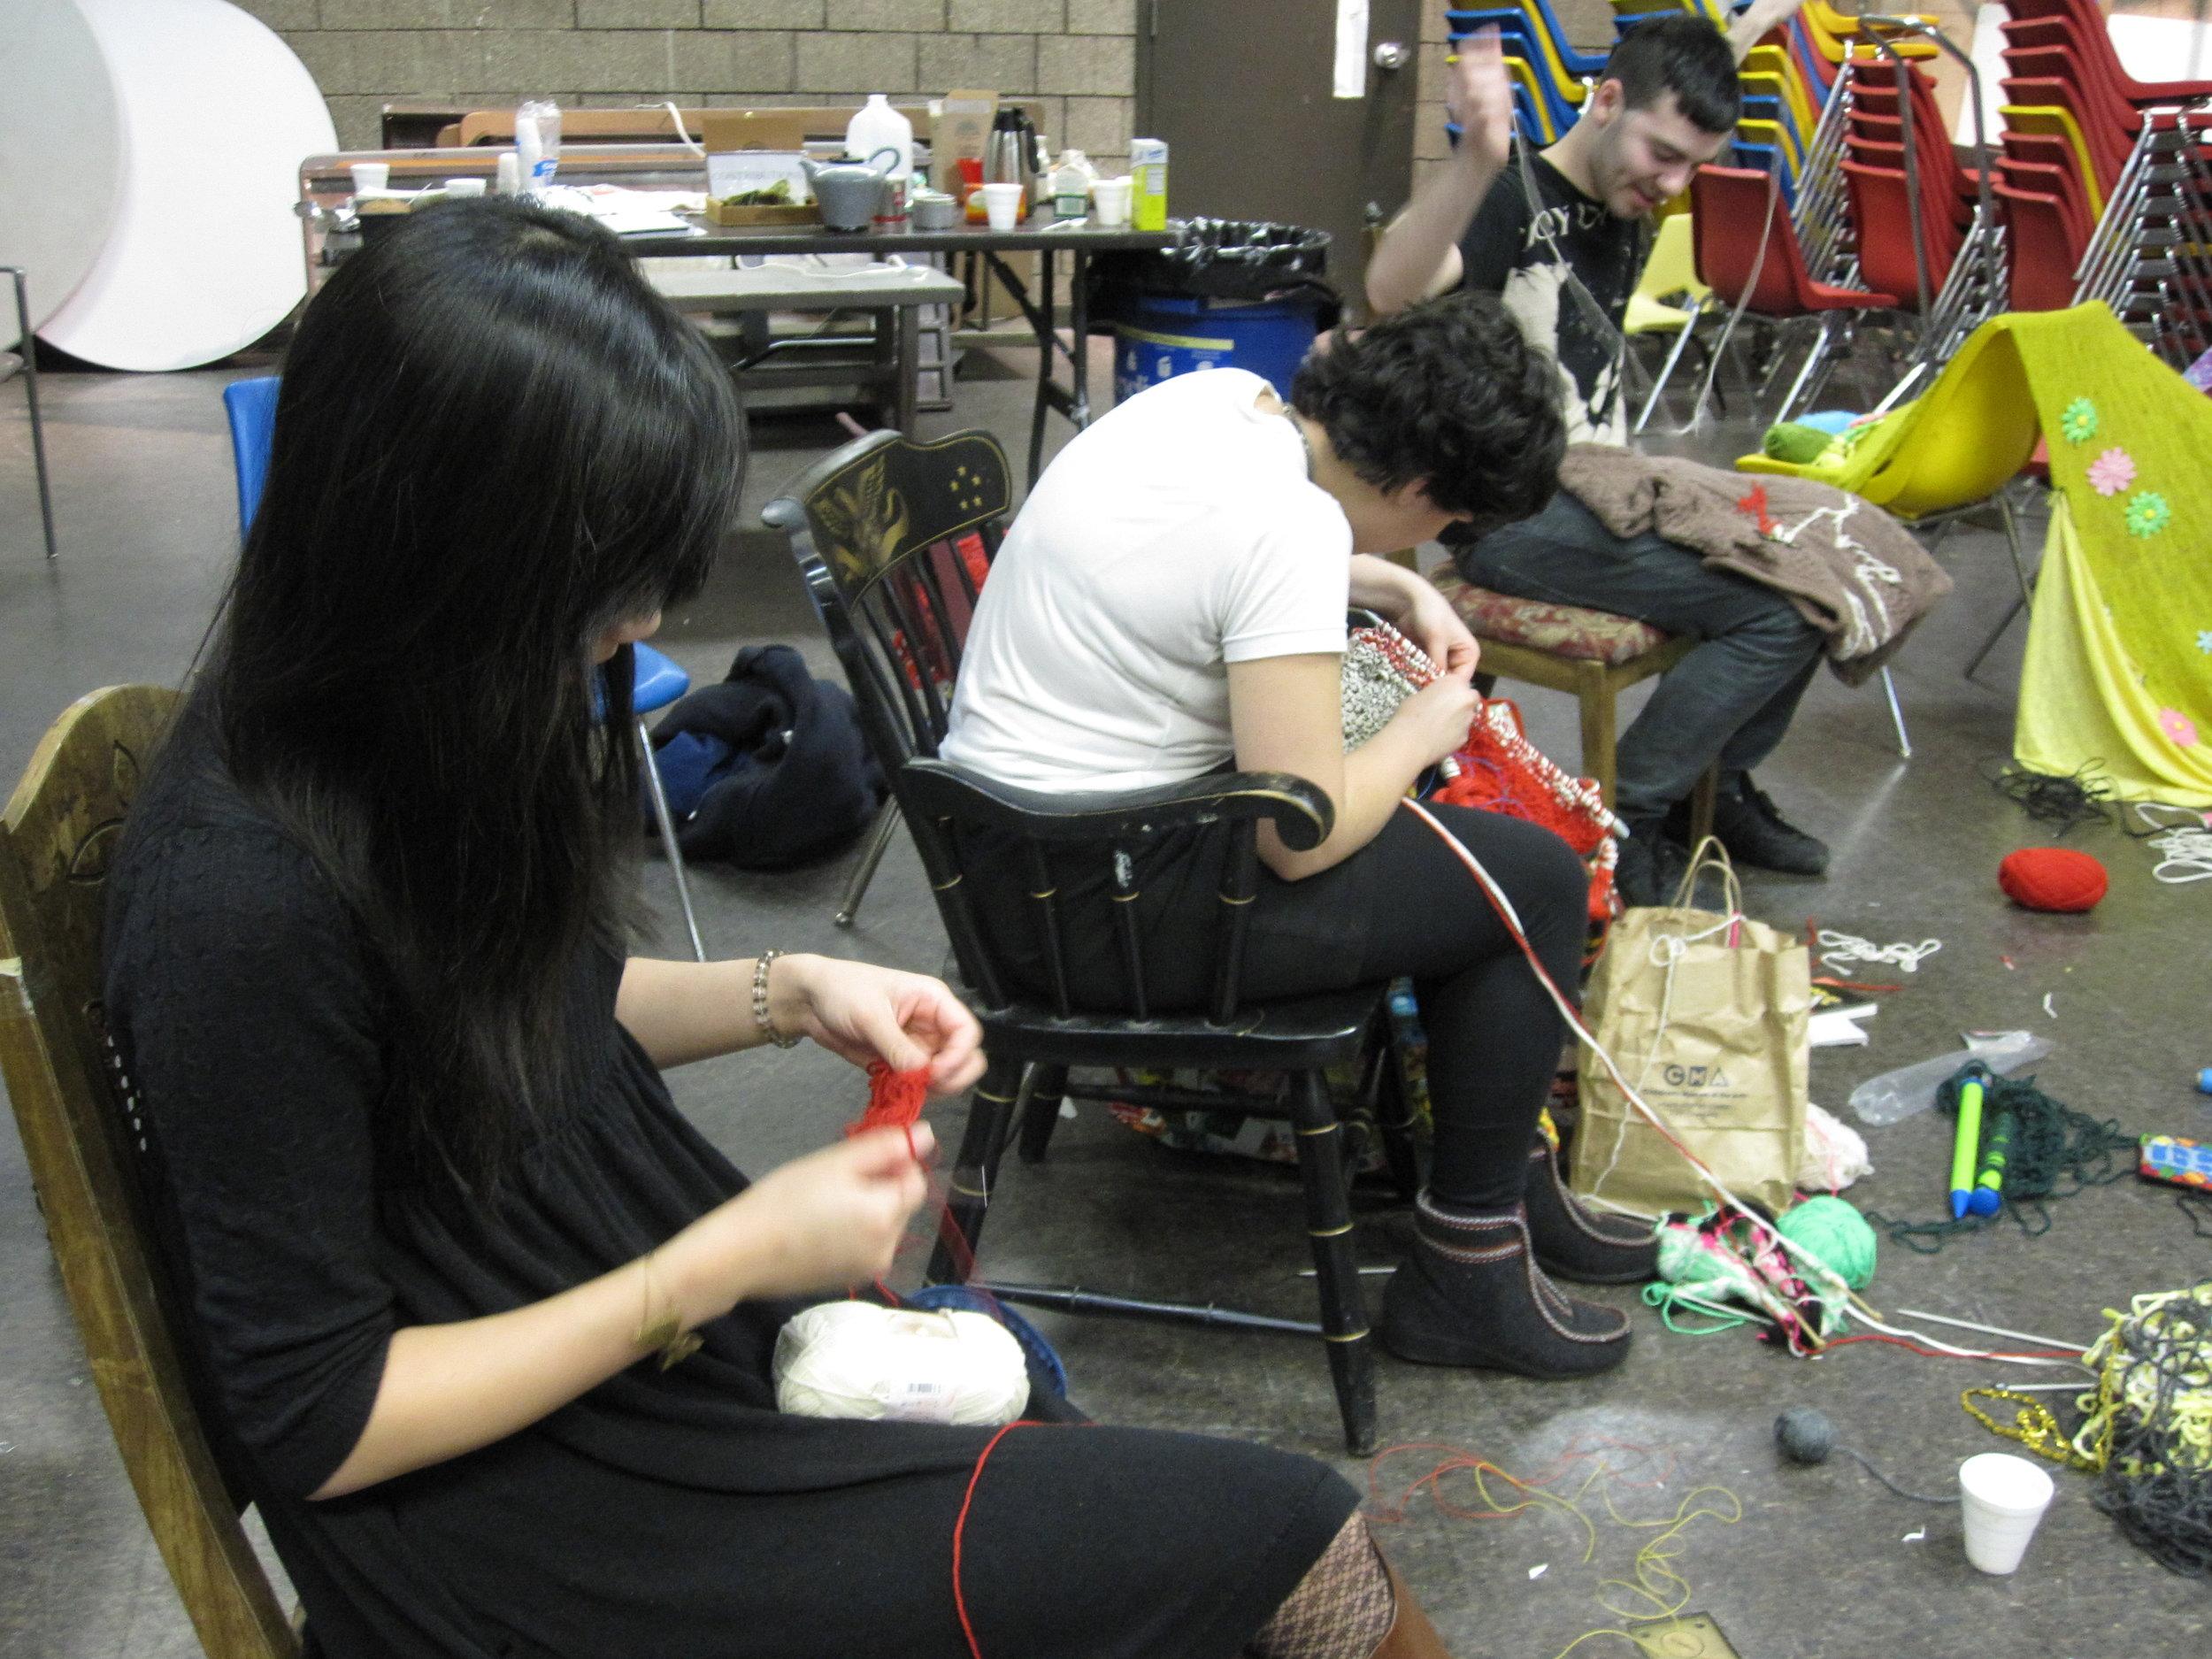 knittingmarathon10_4315217838_o.jpg